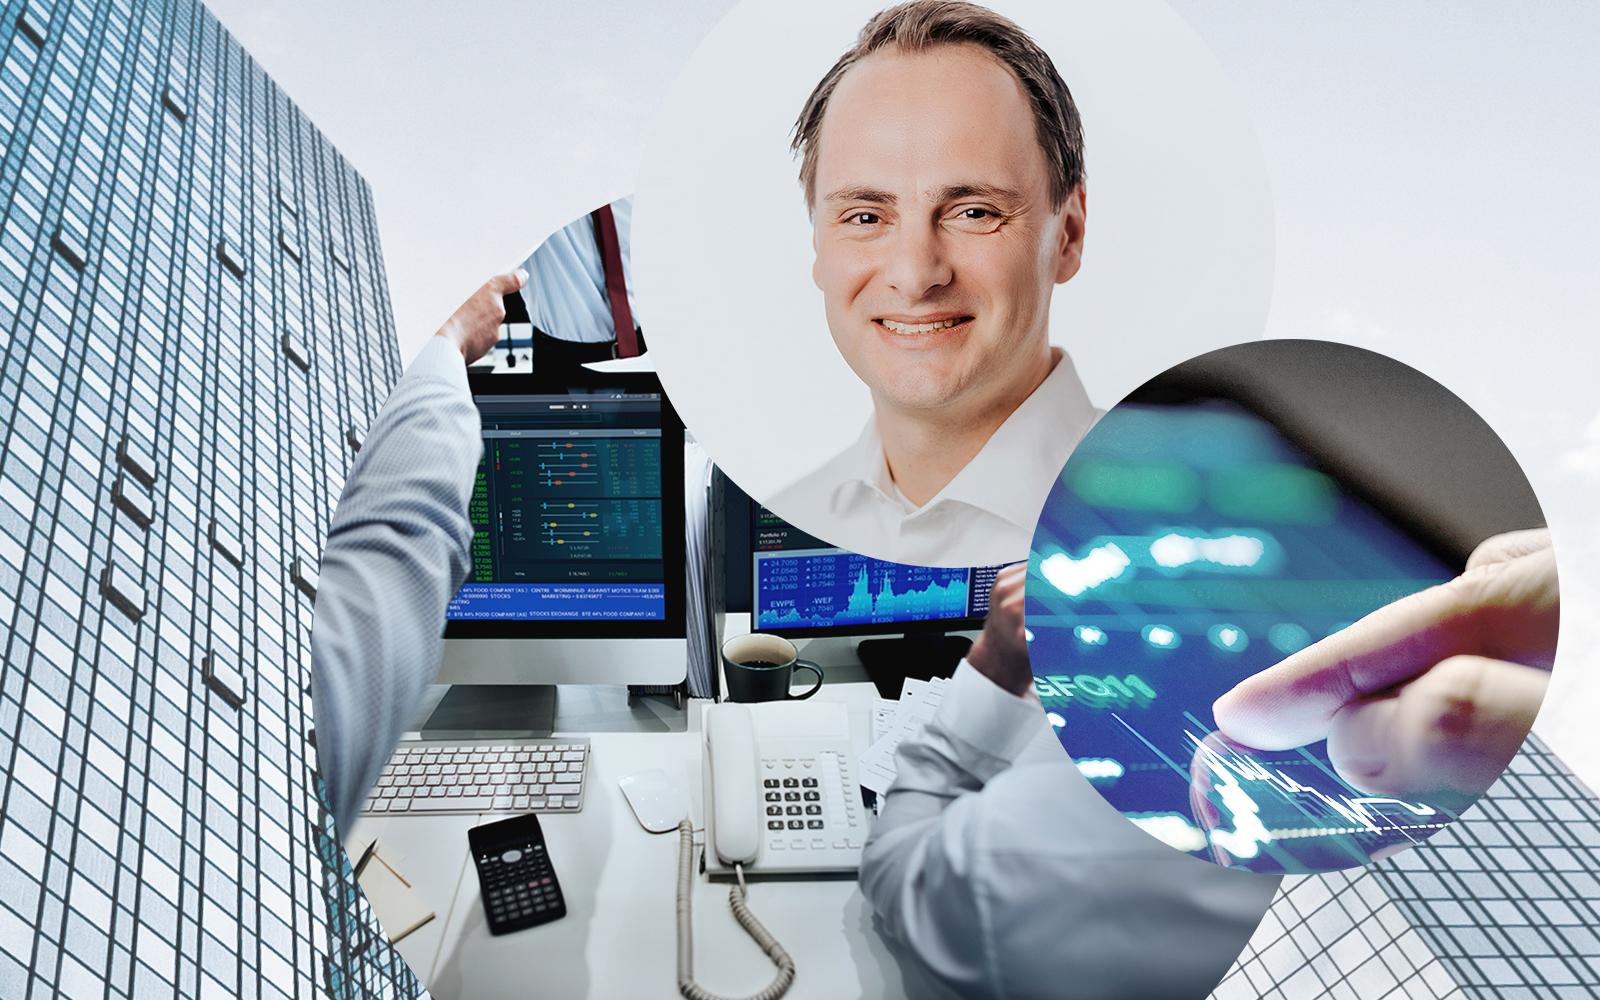 Bild von Mathias Schmidt, Produktmanager bei valantic, im Hintergrund Computerbildschirme